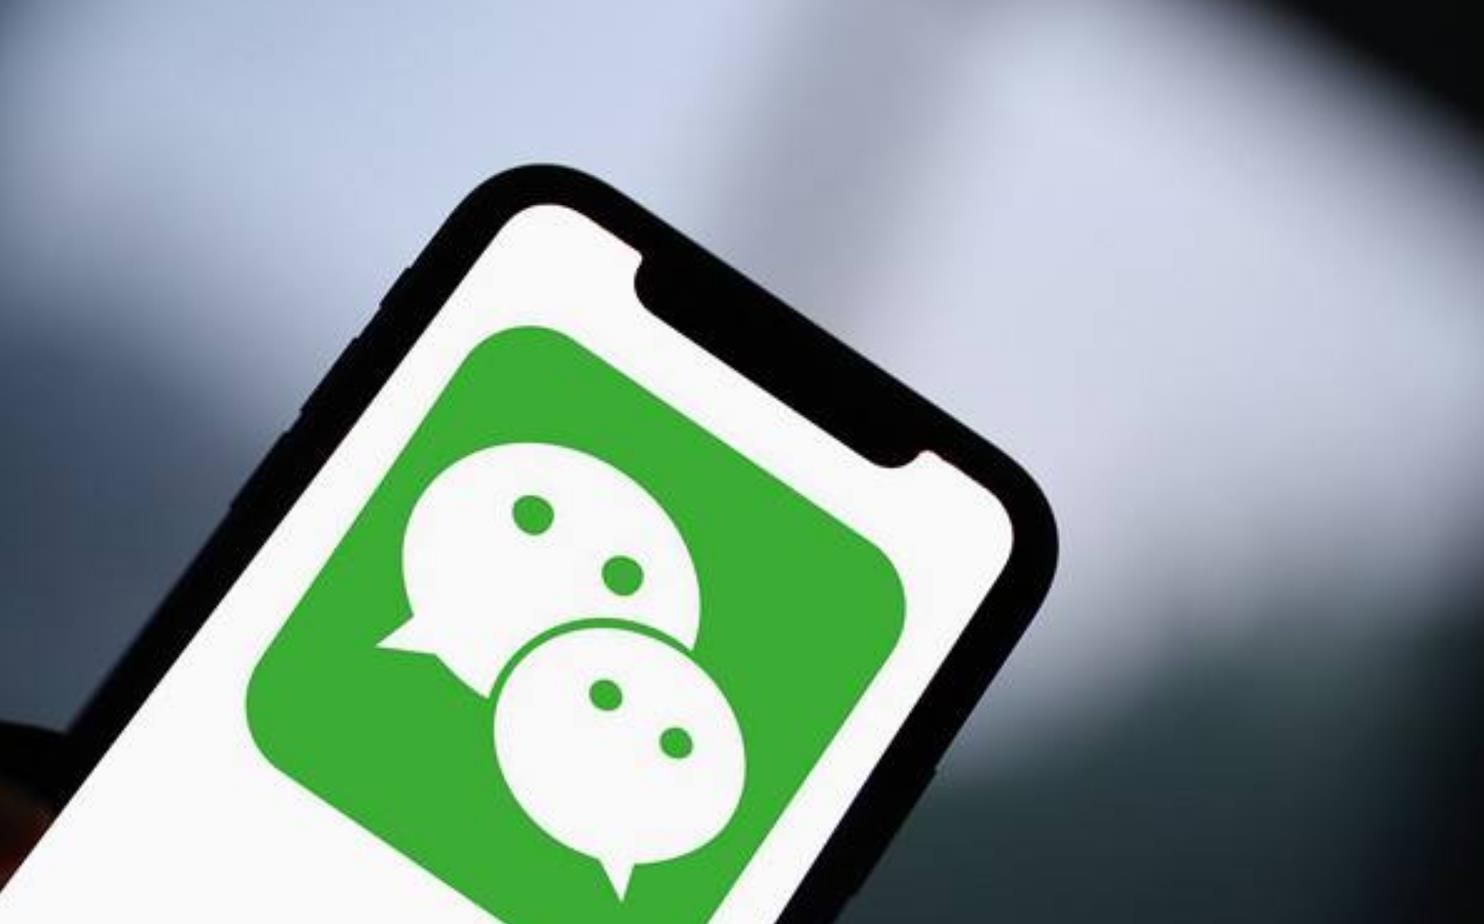 微信群控软件被腾讯告上法院赔偿260万